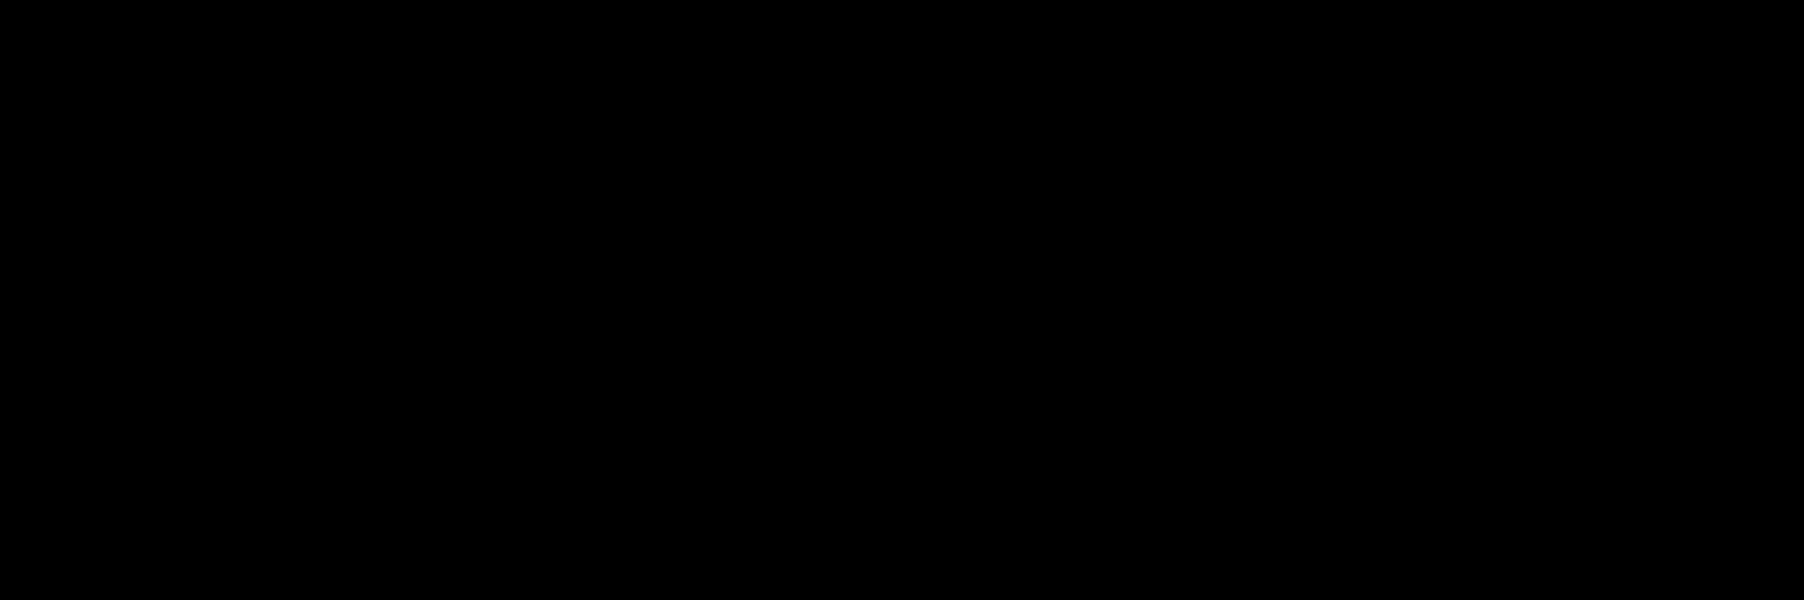 Symbole 40 Grad, kein Trockner, niedrig bügeln